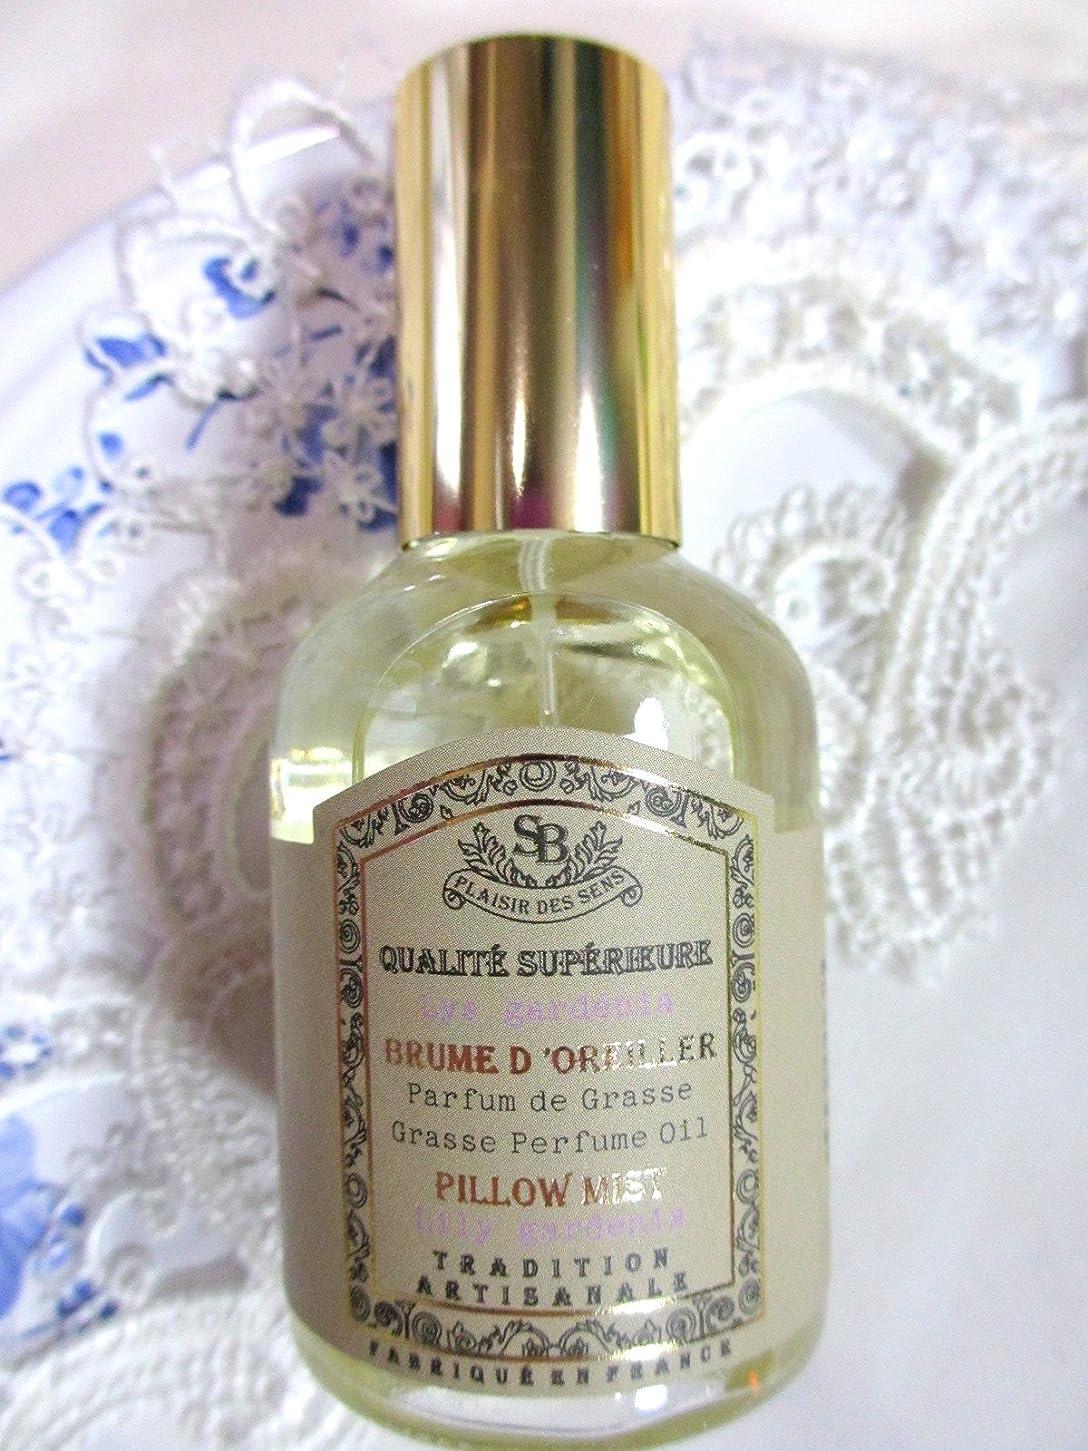 ランクそれる狂ったSenteur et Beaute(サンタールエボーテ) French classic(フレンチクラシックシリーズ) ピローミスト 50ml 「リリーガーデニア」 4994228024367